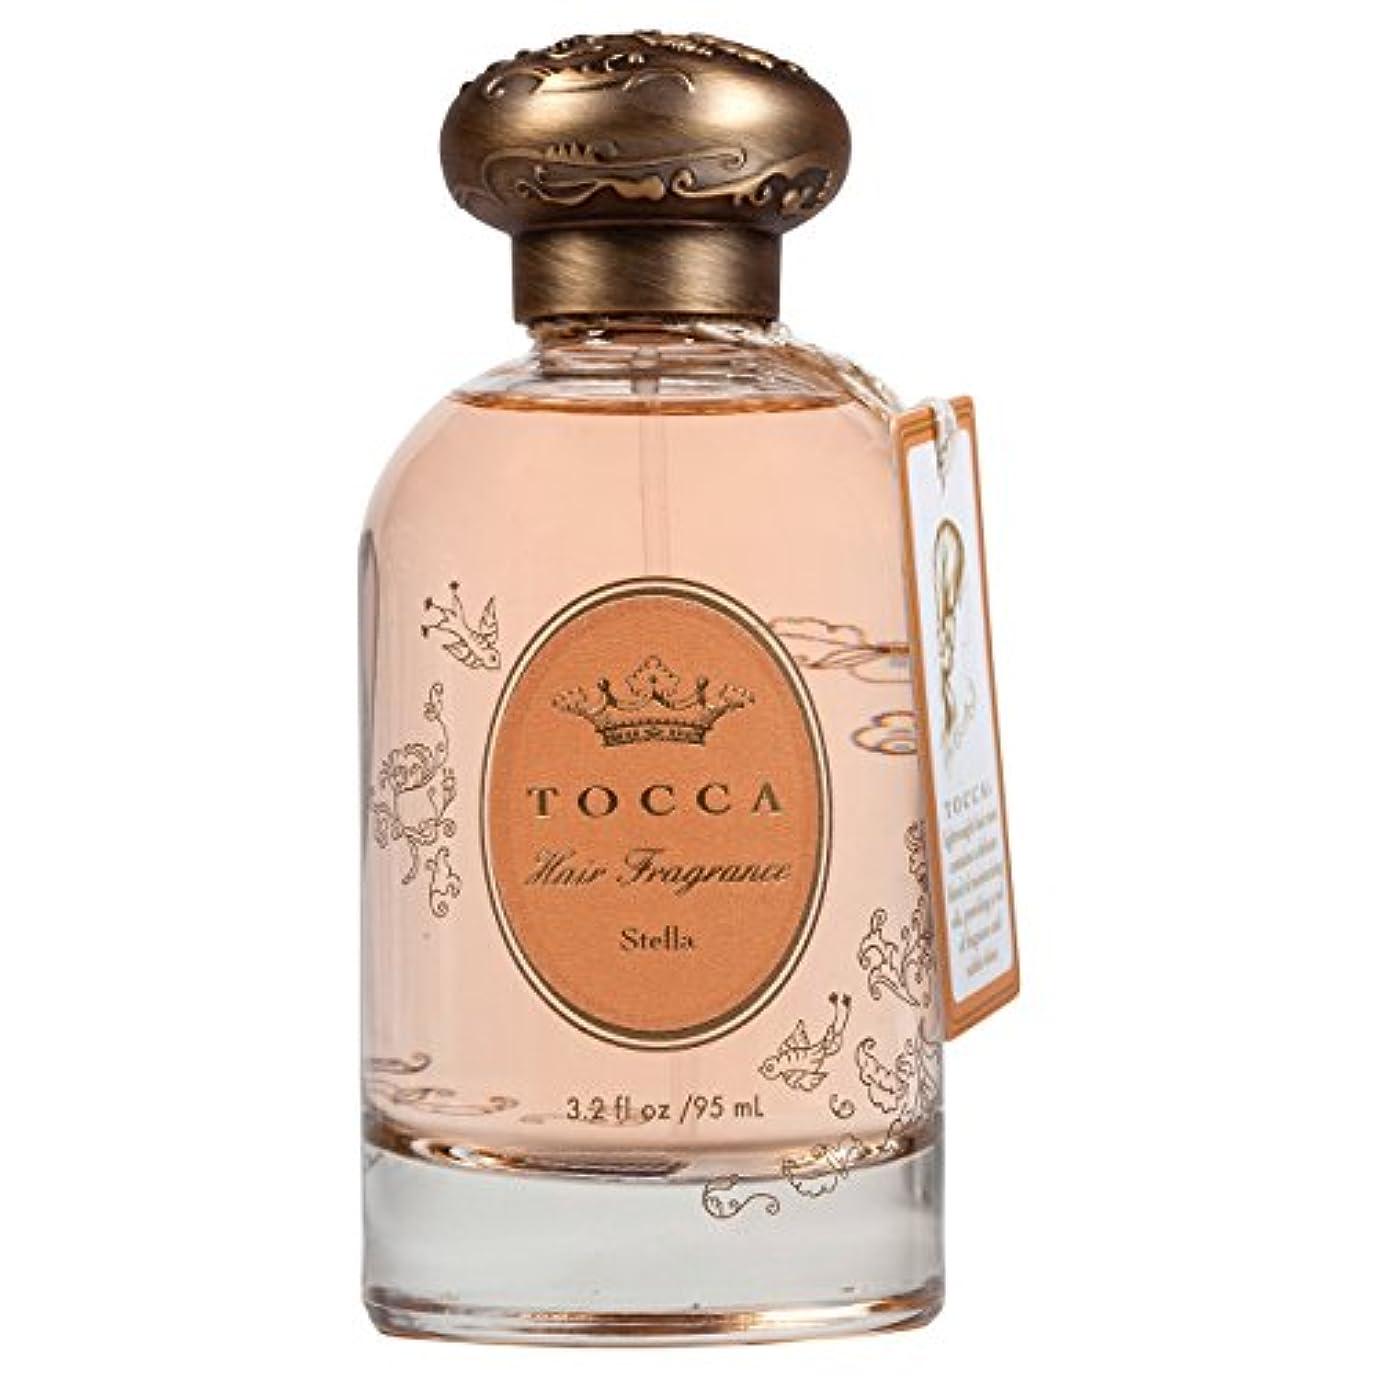 ガロン伝統ハシートッカ(TOCCA) ヘアフレグランスミスト ステラの香り 95ml